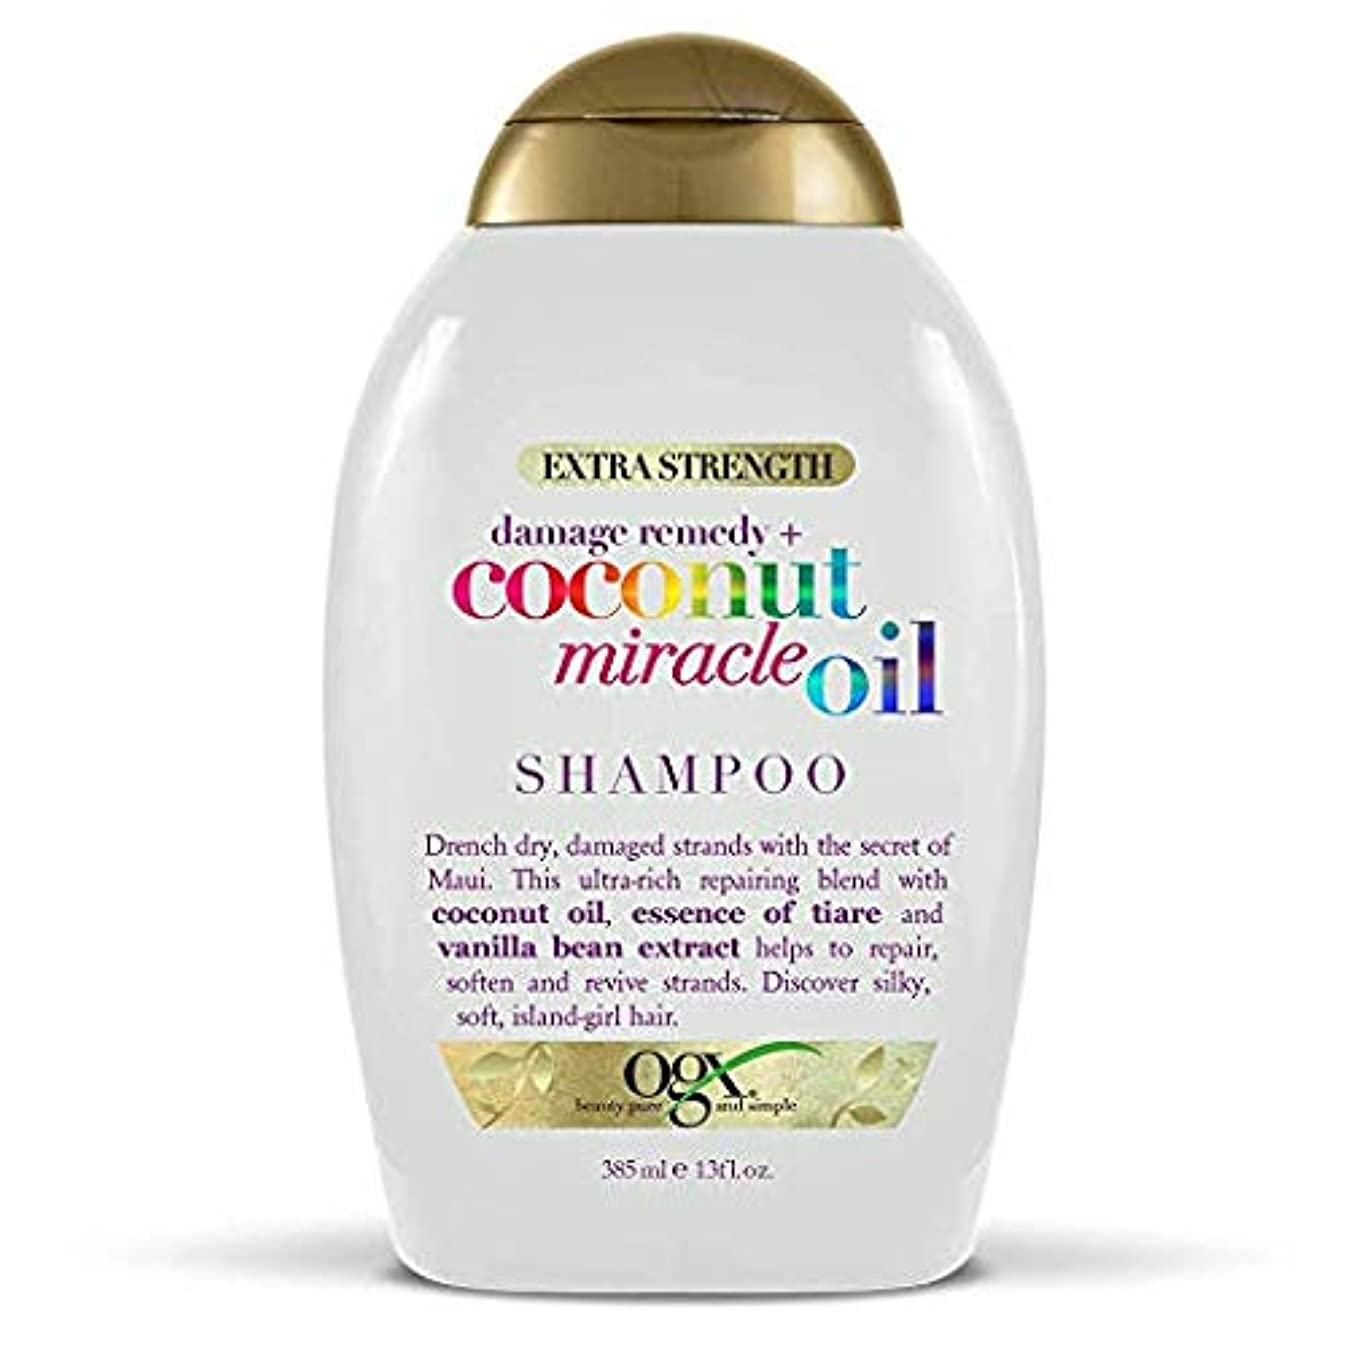 波紋取り出す気球Ogx Shampoo Coconut Miracle Oil Extra Strength 13oz OGX ココナッツミラクルオイル エクストラストレングス シャンプー 385ml [並行輸入品]